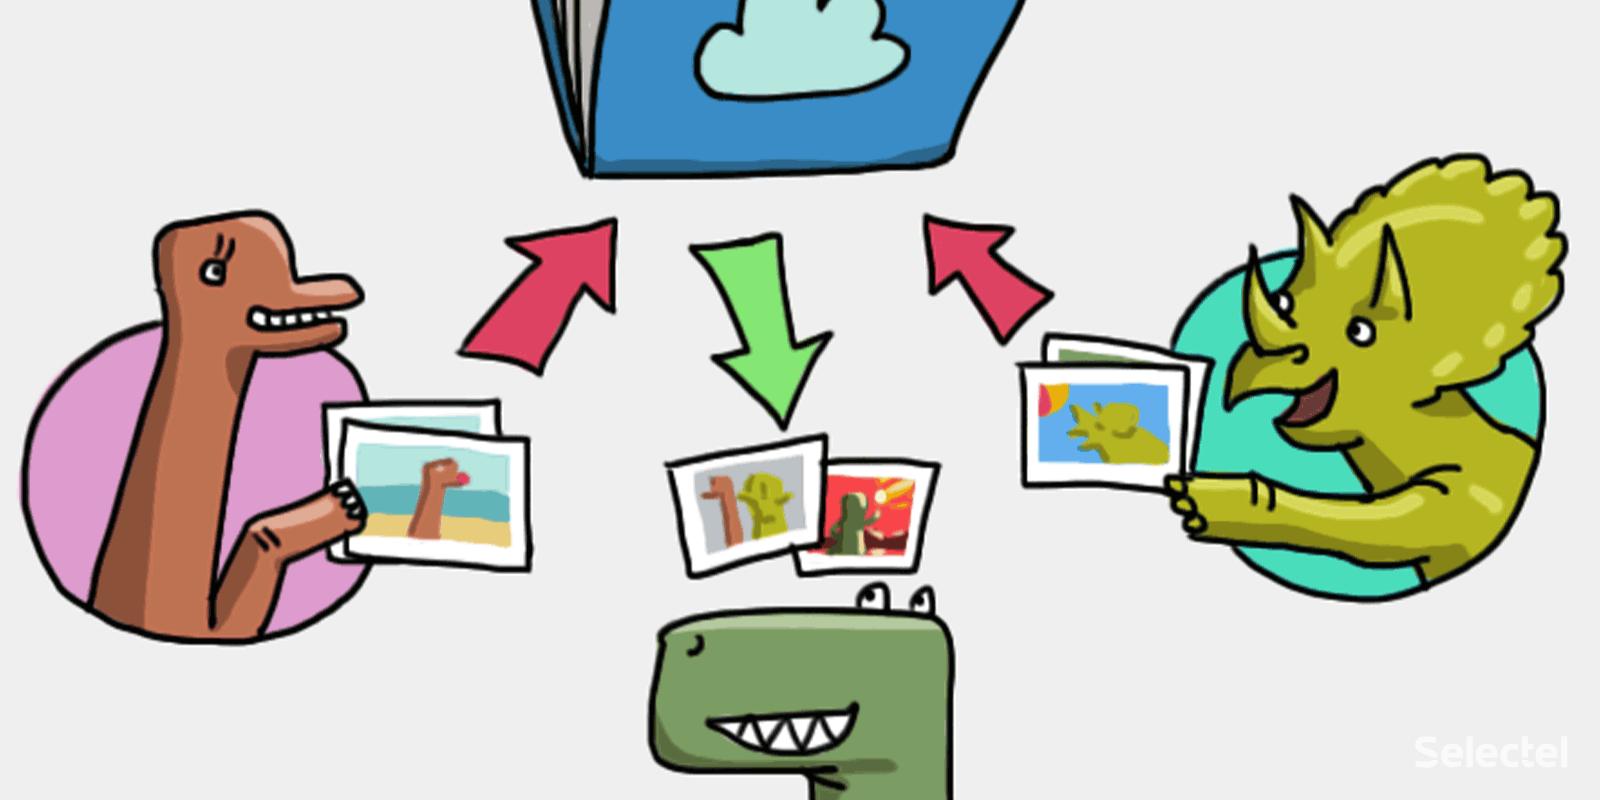 Новая функция облачного хранилища: создание ссылок для загрузки файлов